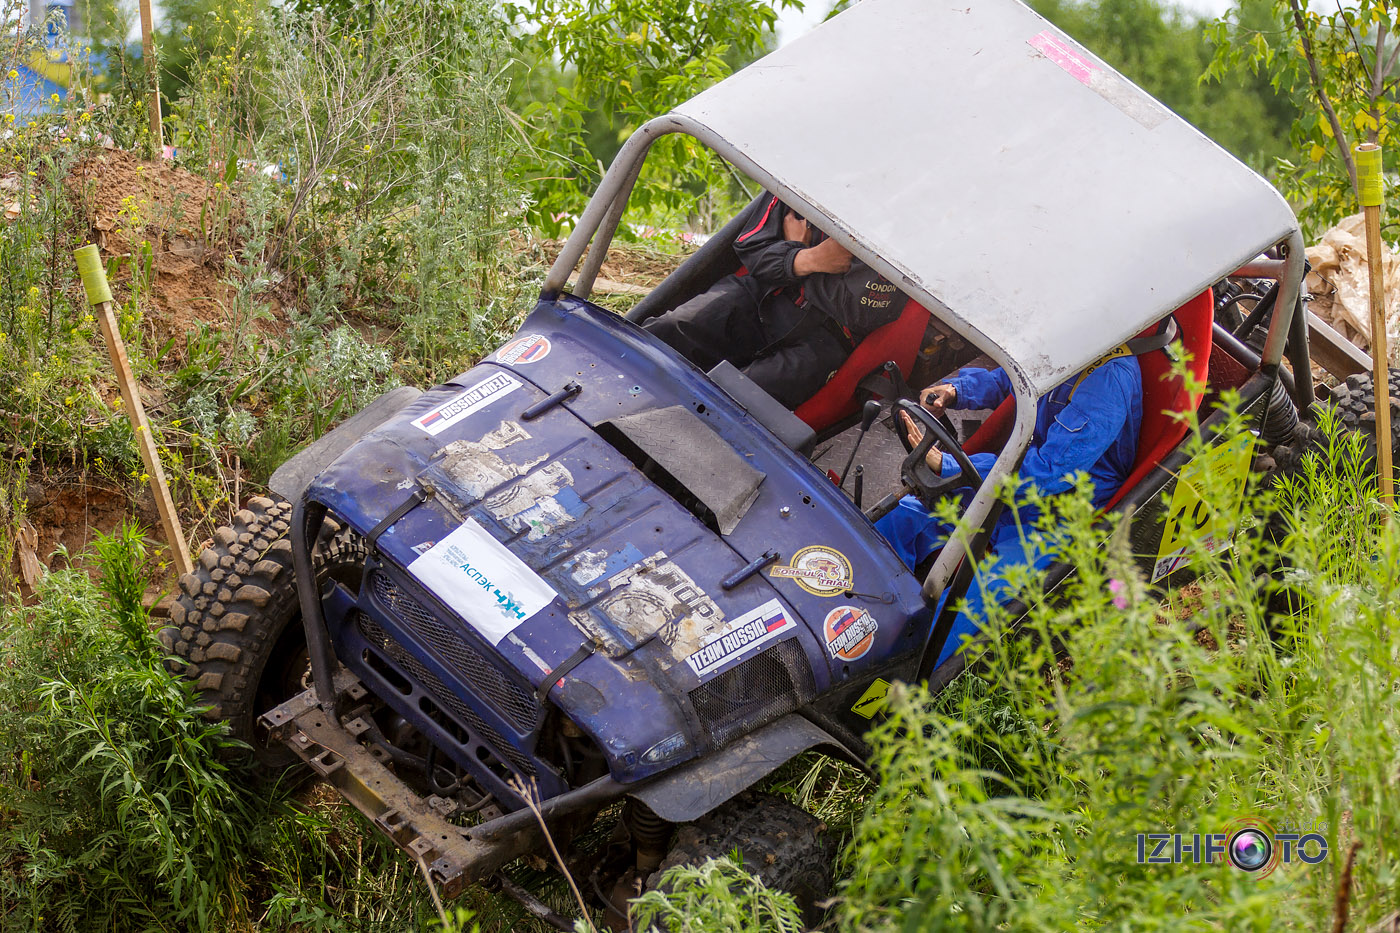 Джип-триал – автомобильное соревнование, проходящее на закрытой с искусственными или естественными препятствиями трассе